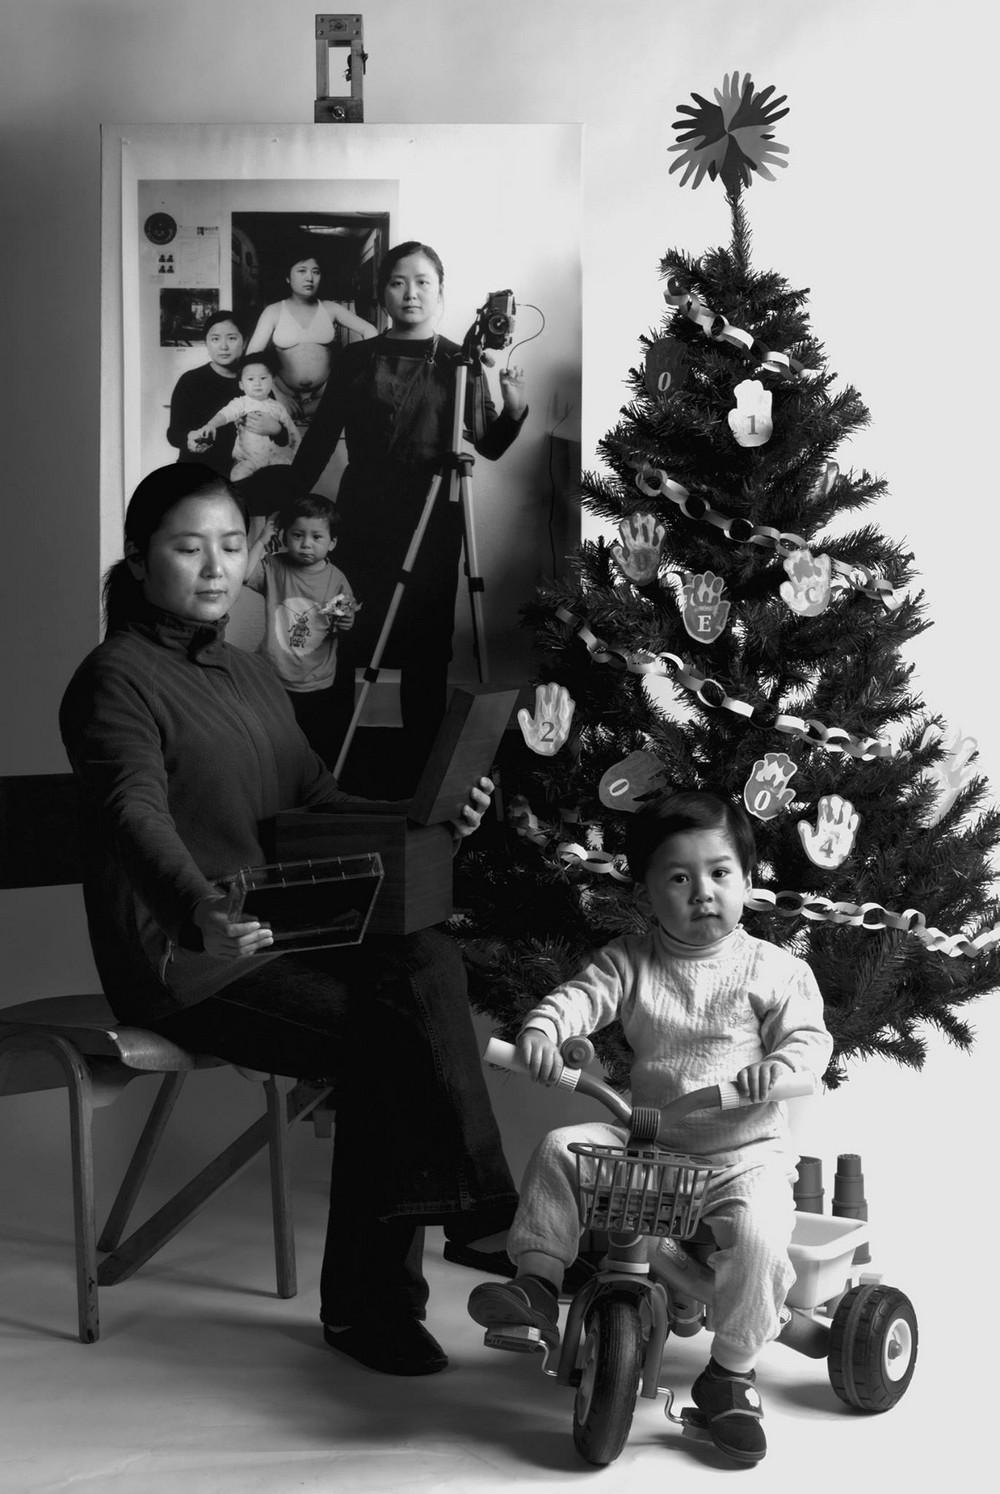 Мама 17 лет делает автопортреты с сыном и каждый последующий снимок на фоне предыдущего 4